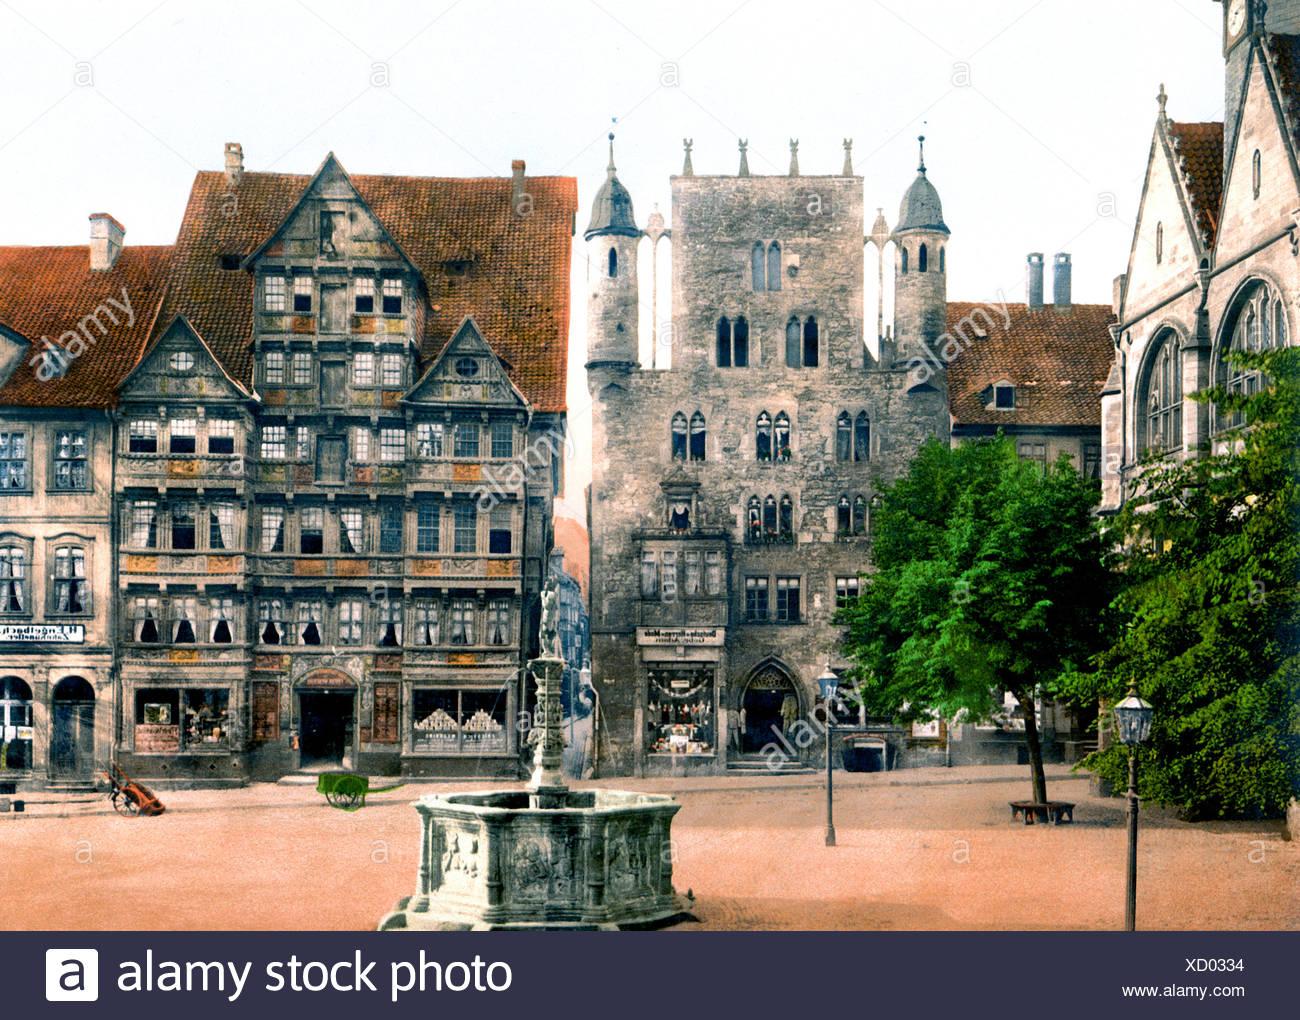 Tempelherrenhaus Hildesheim Immagini Stock